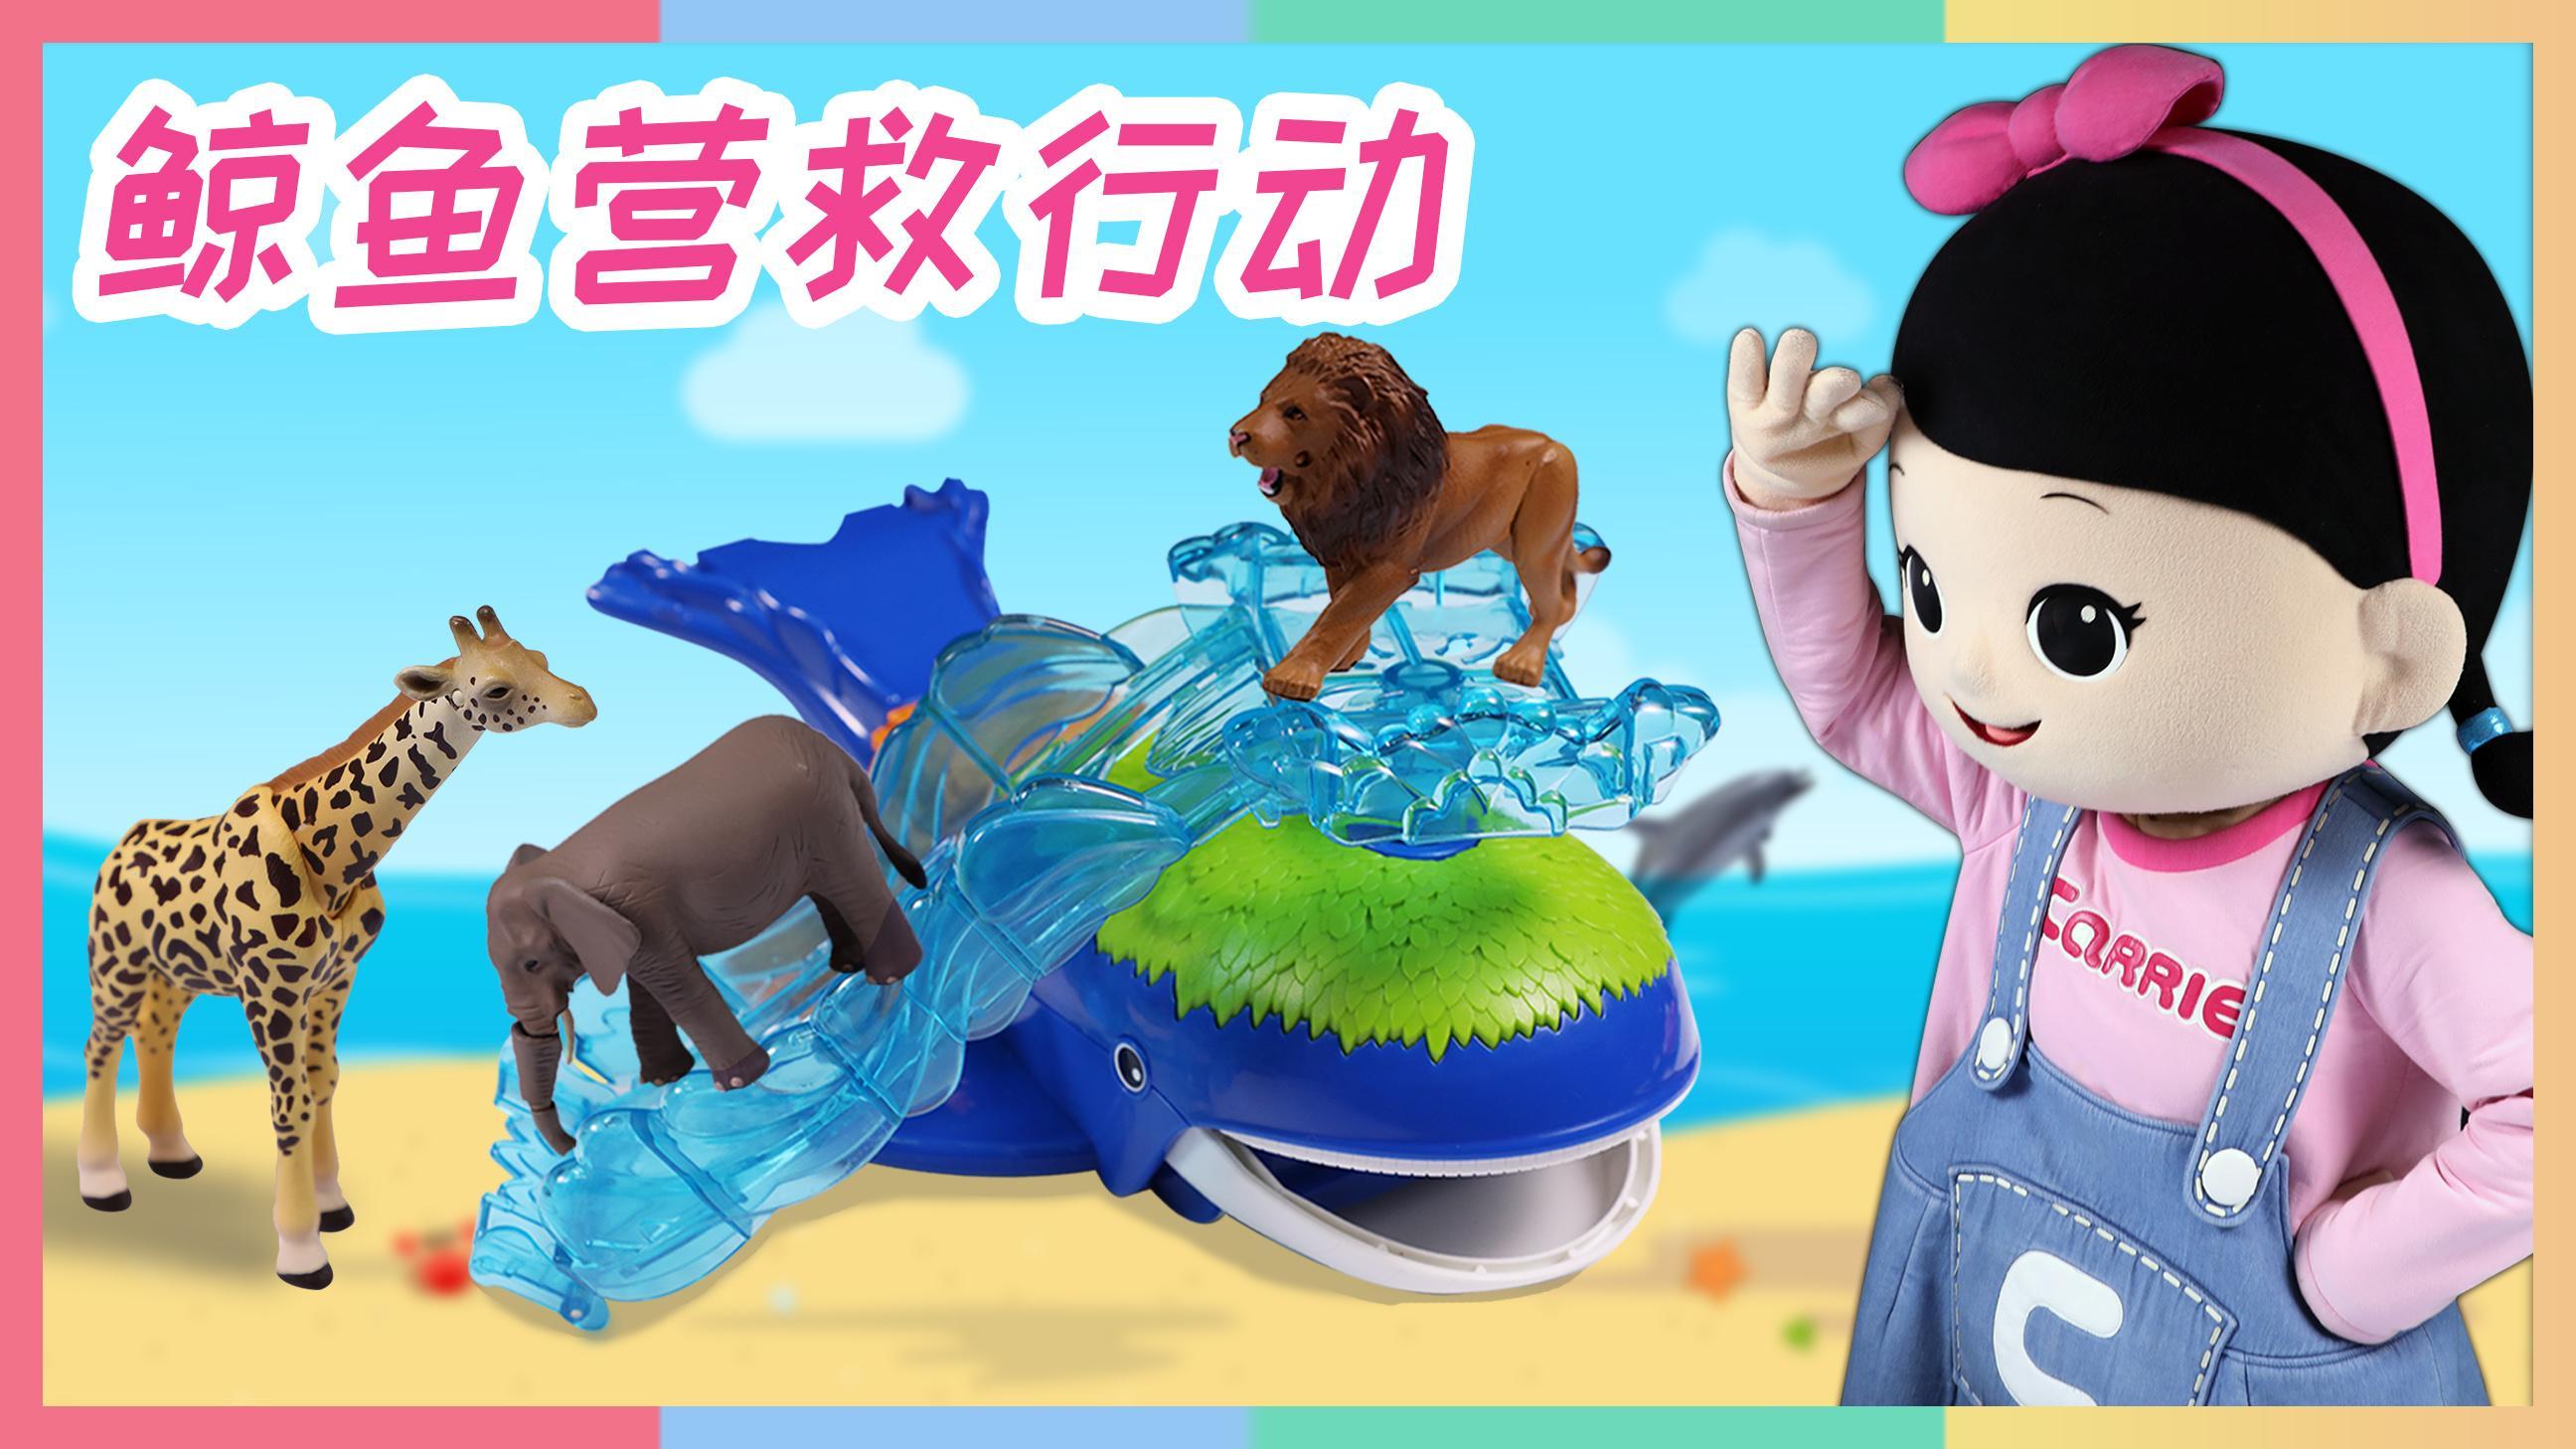 和鲸鱼救援队一起爱护地球, 守护可爱的小动物们 | 凯利和玩具朋友们 CarrieAndToys